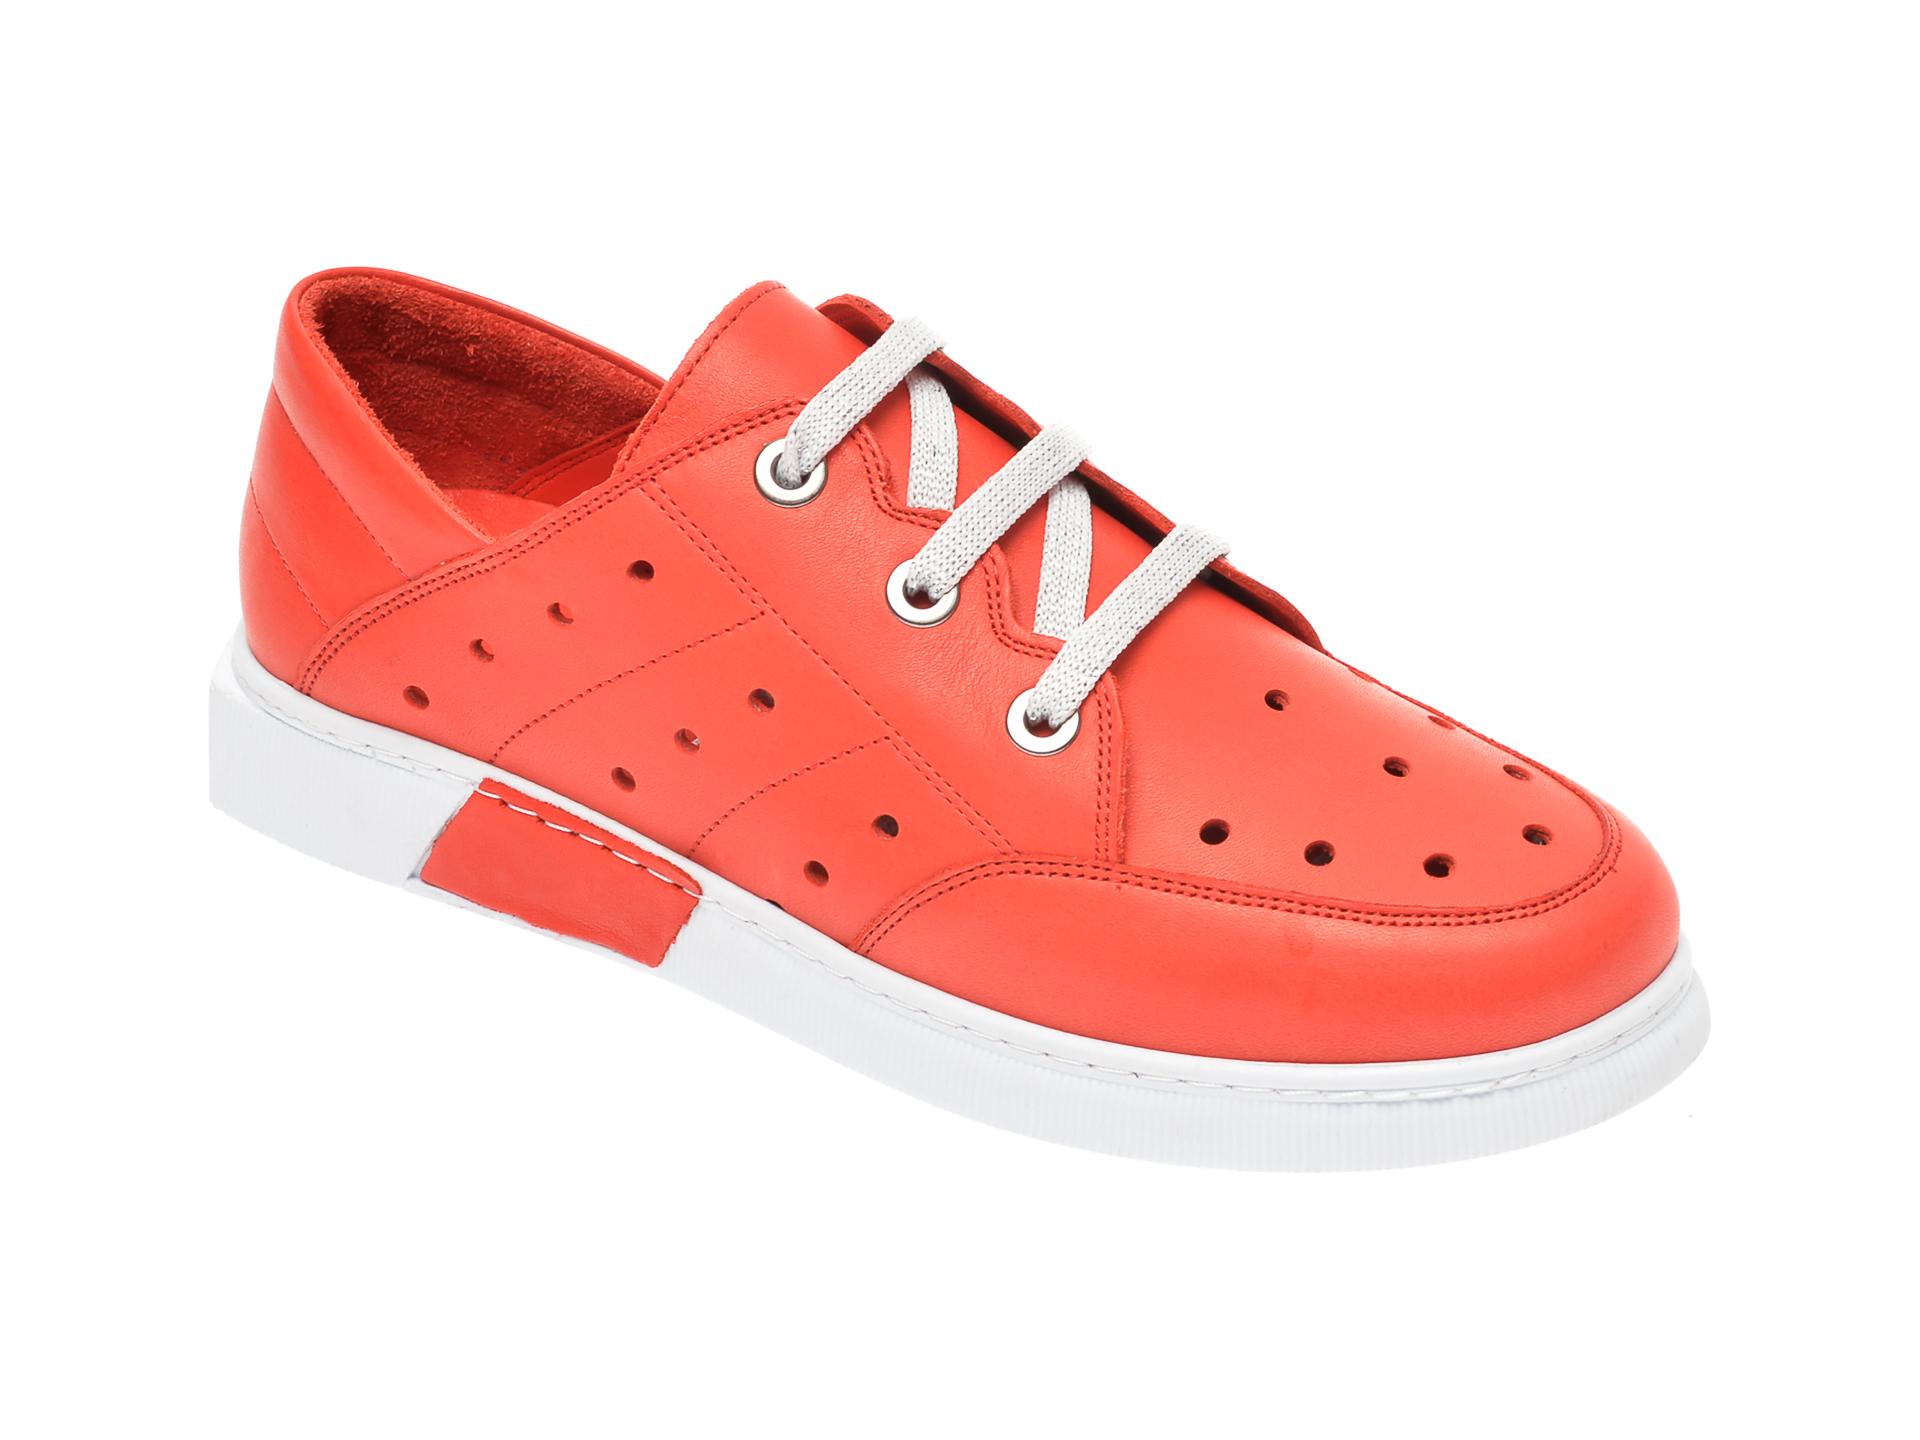 Pantofi FLAVIA PASSINI rosii, 645435, din piele naturala imagine